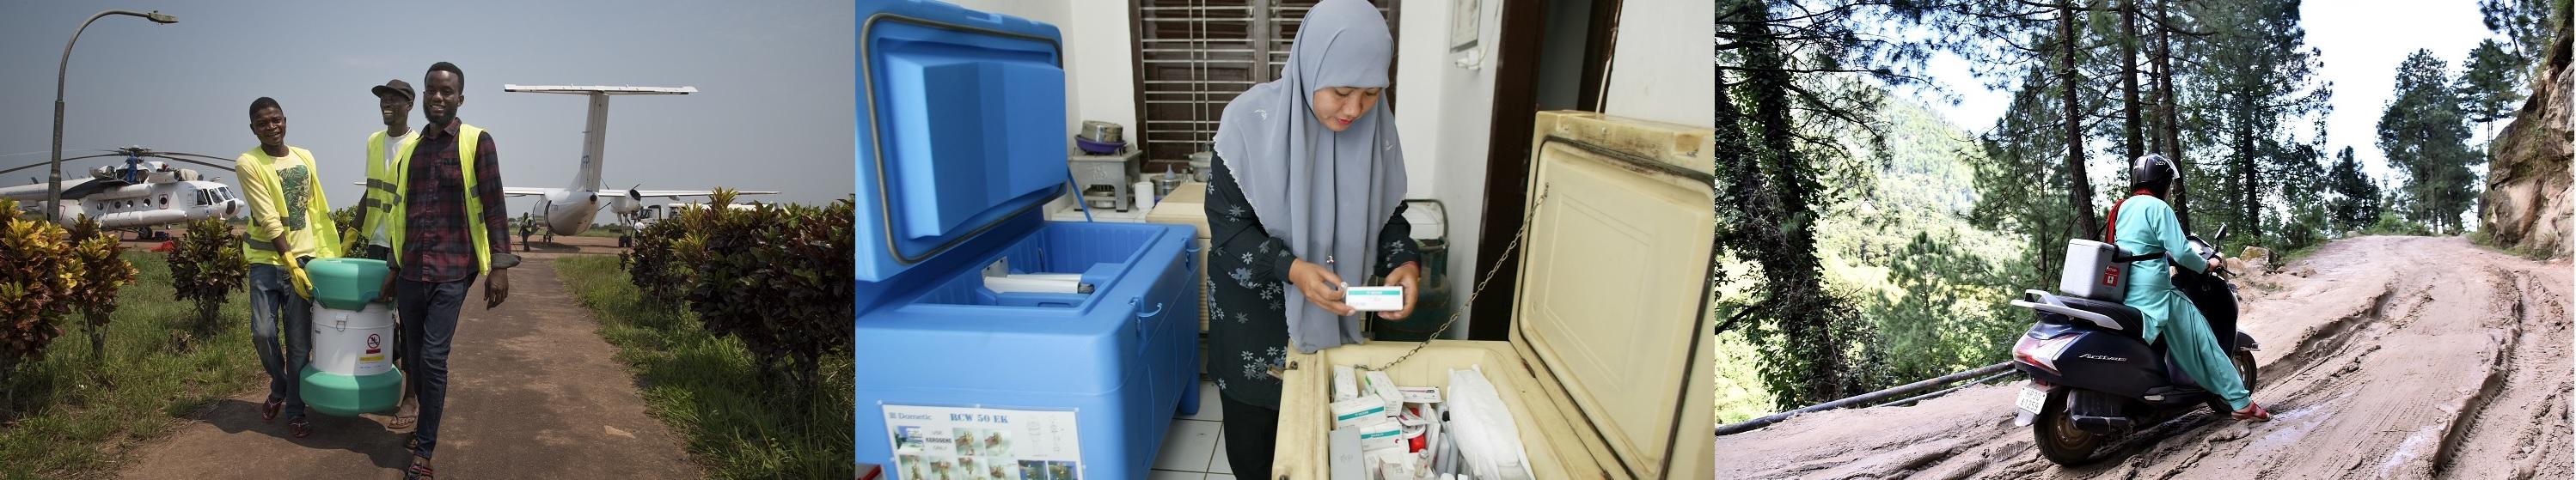 HR immunization